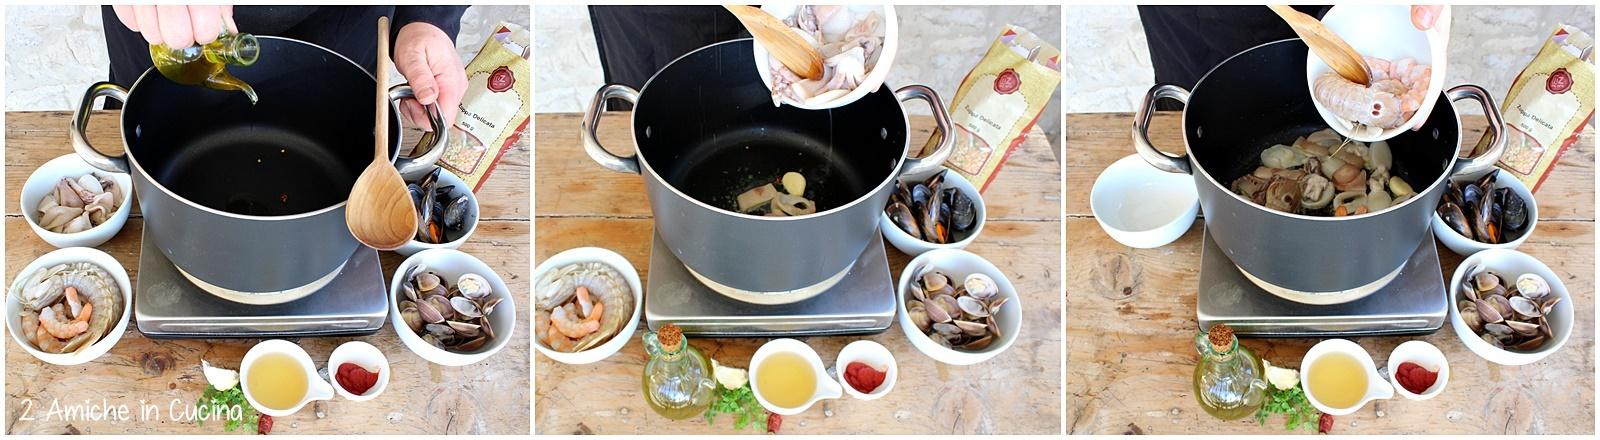 Zuppa delicata con molluschi e crostacei passo passo